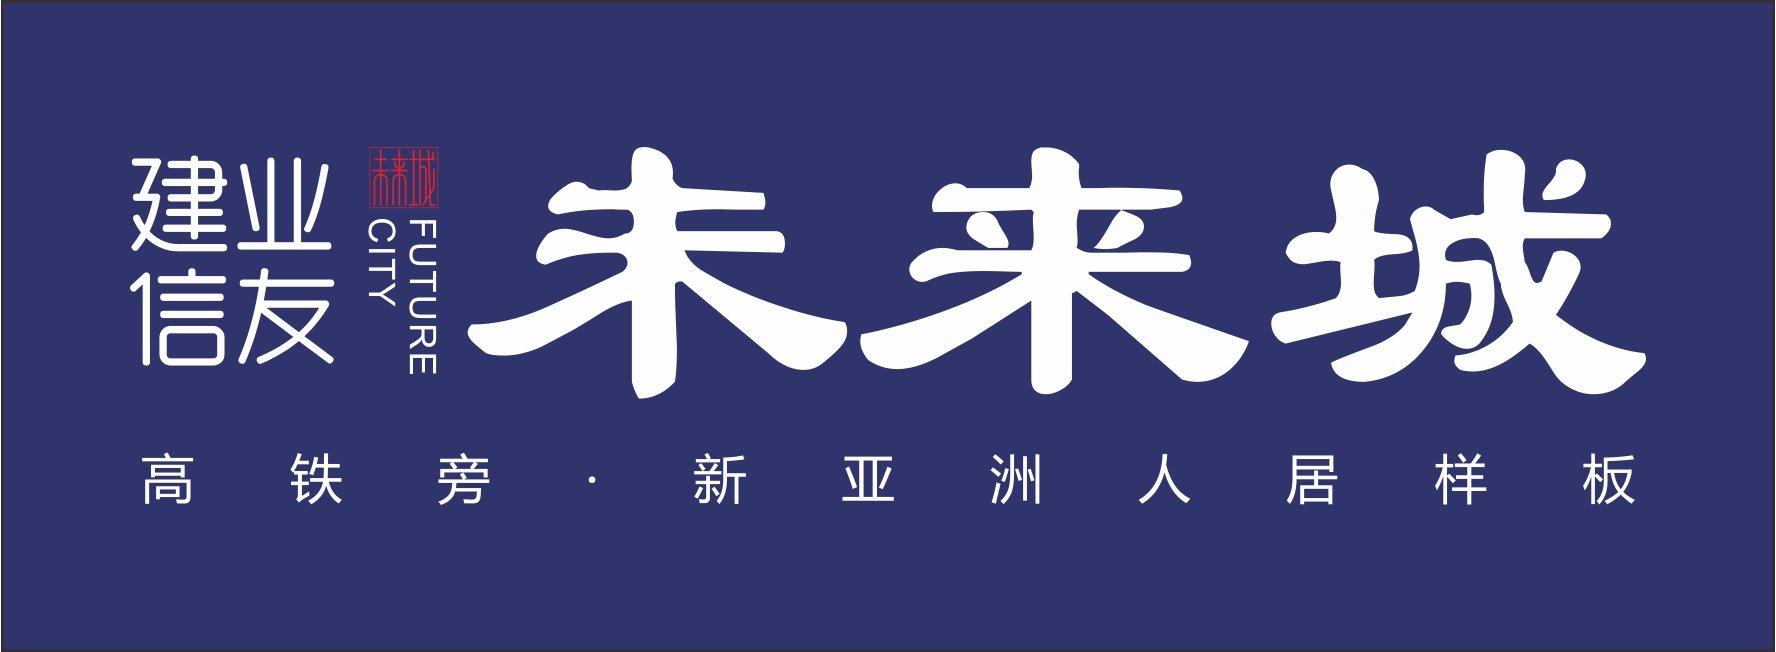 //db.house.qq.com/zz_184144/